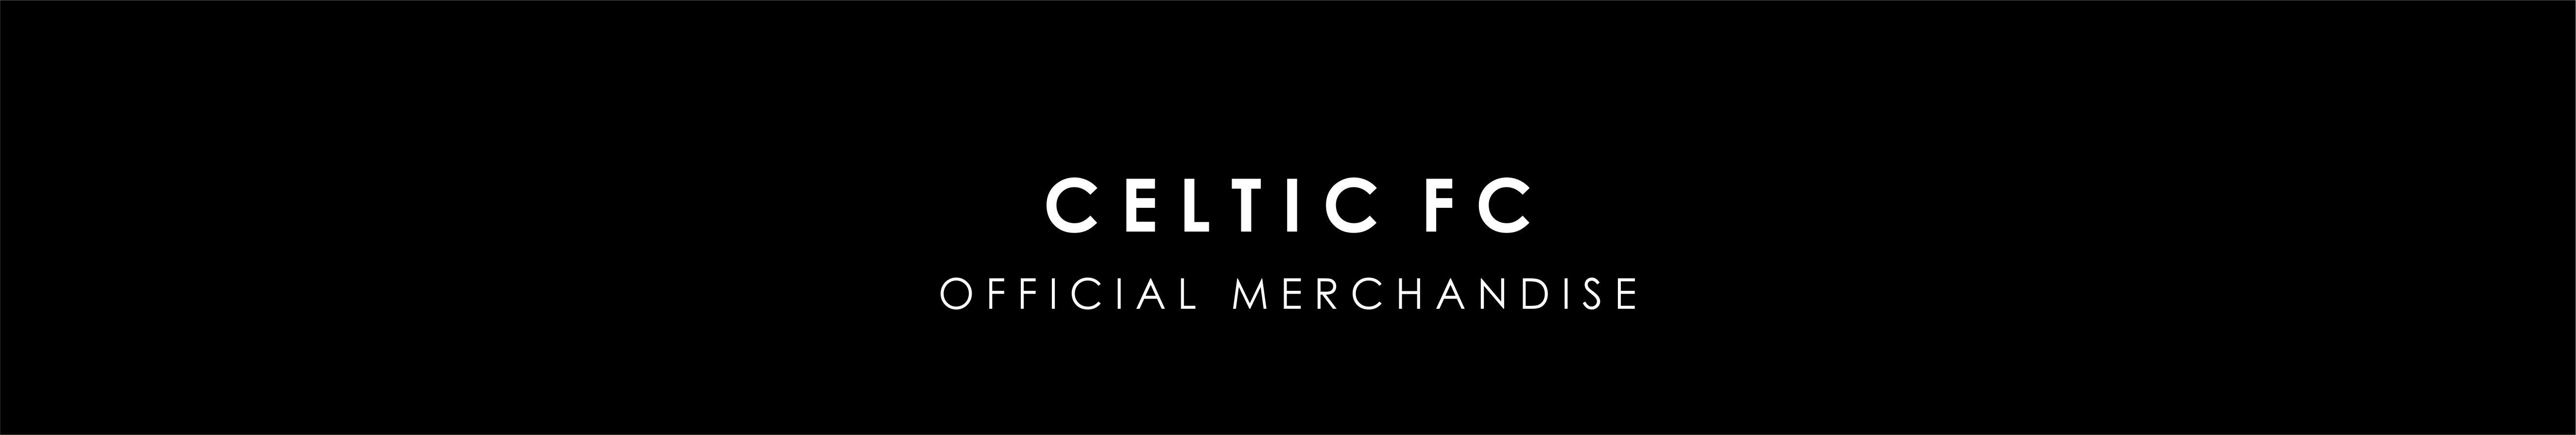 celtic-fc-banner.jpg